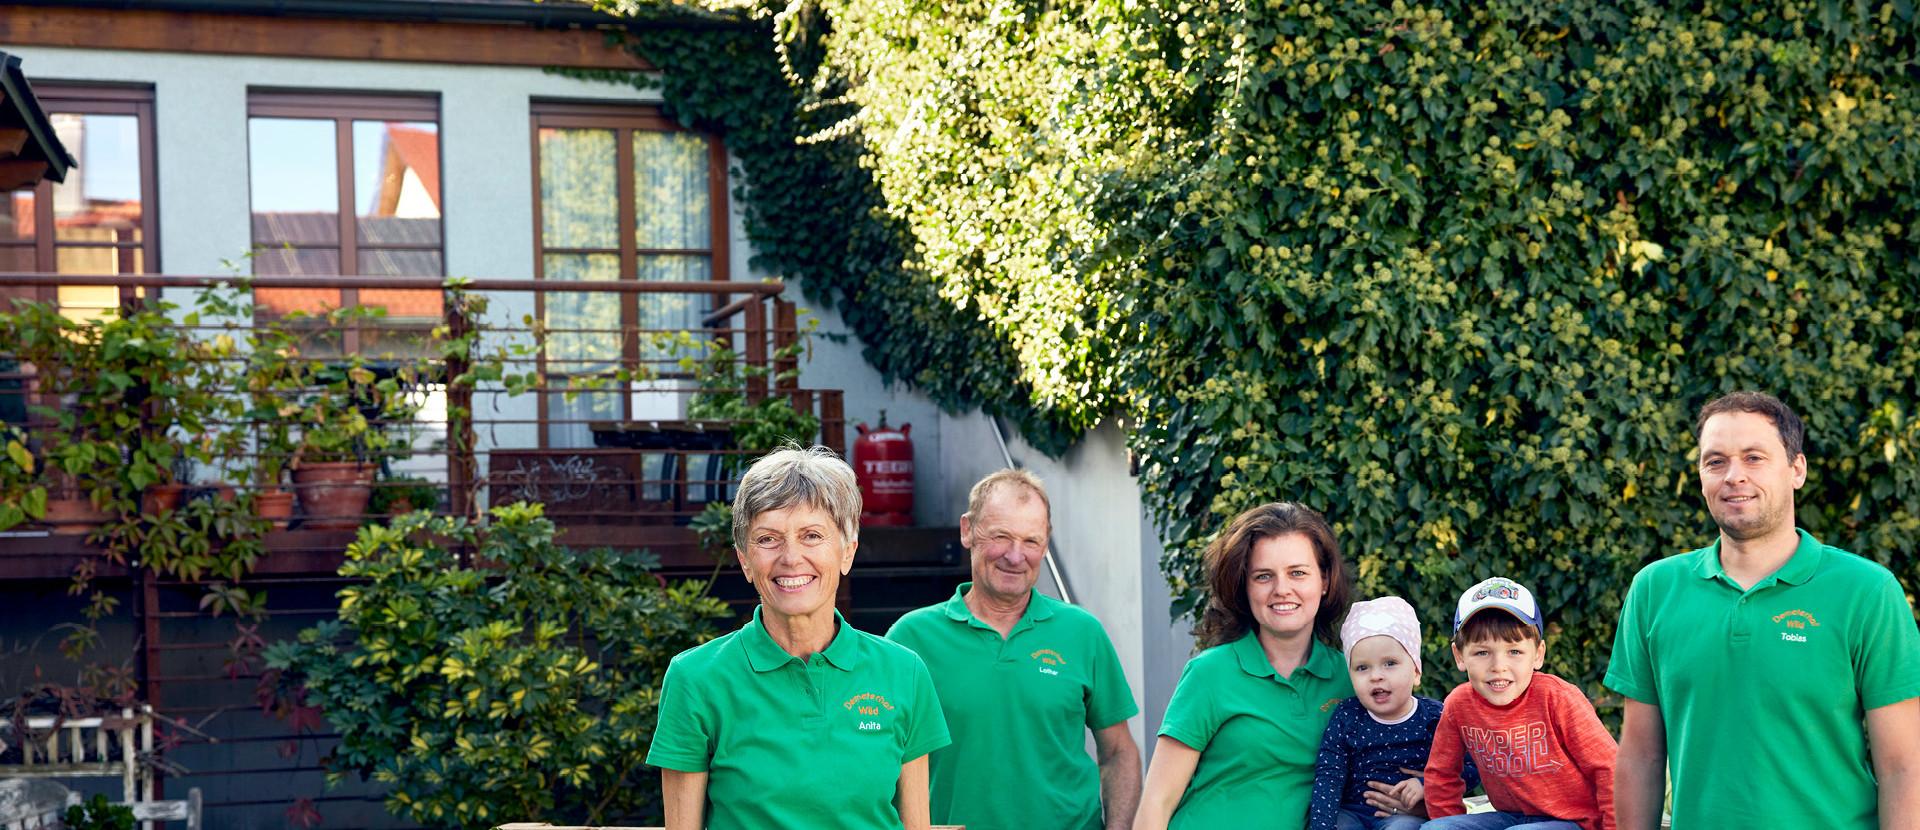 Lieferant Familie Wild mit Kohlgemüse